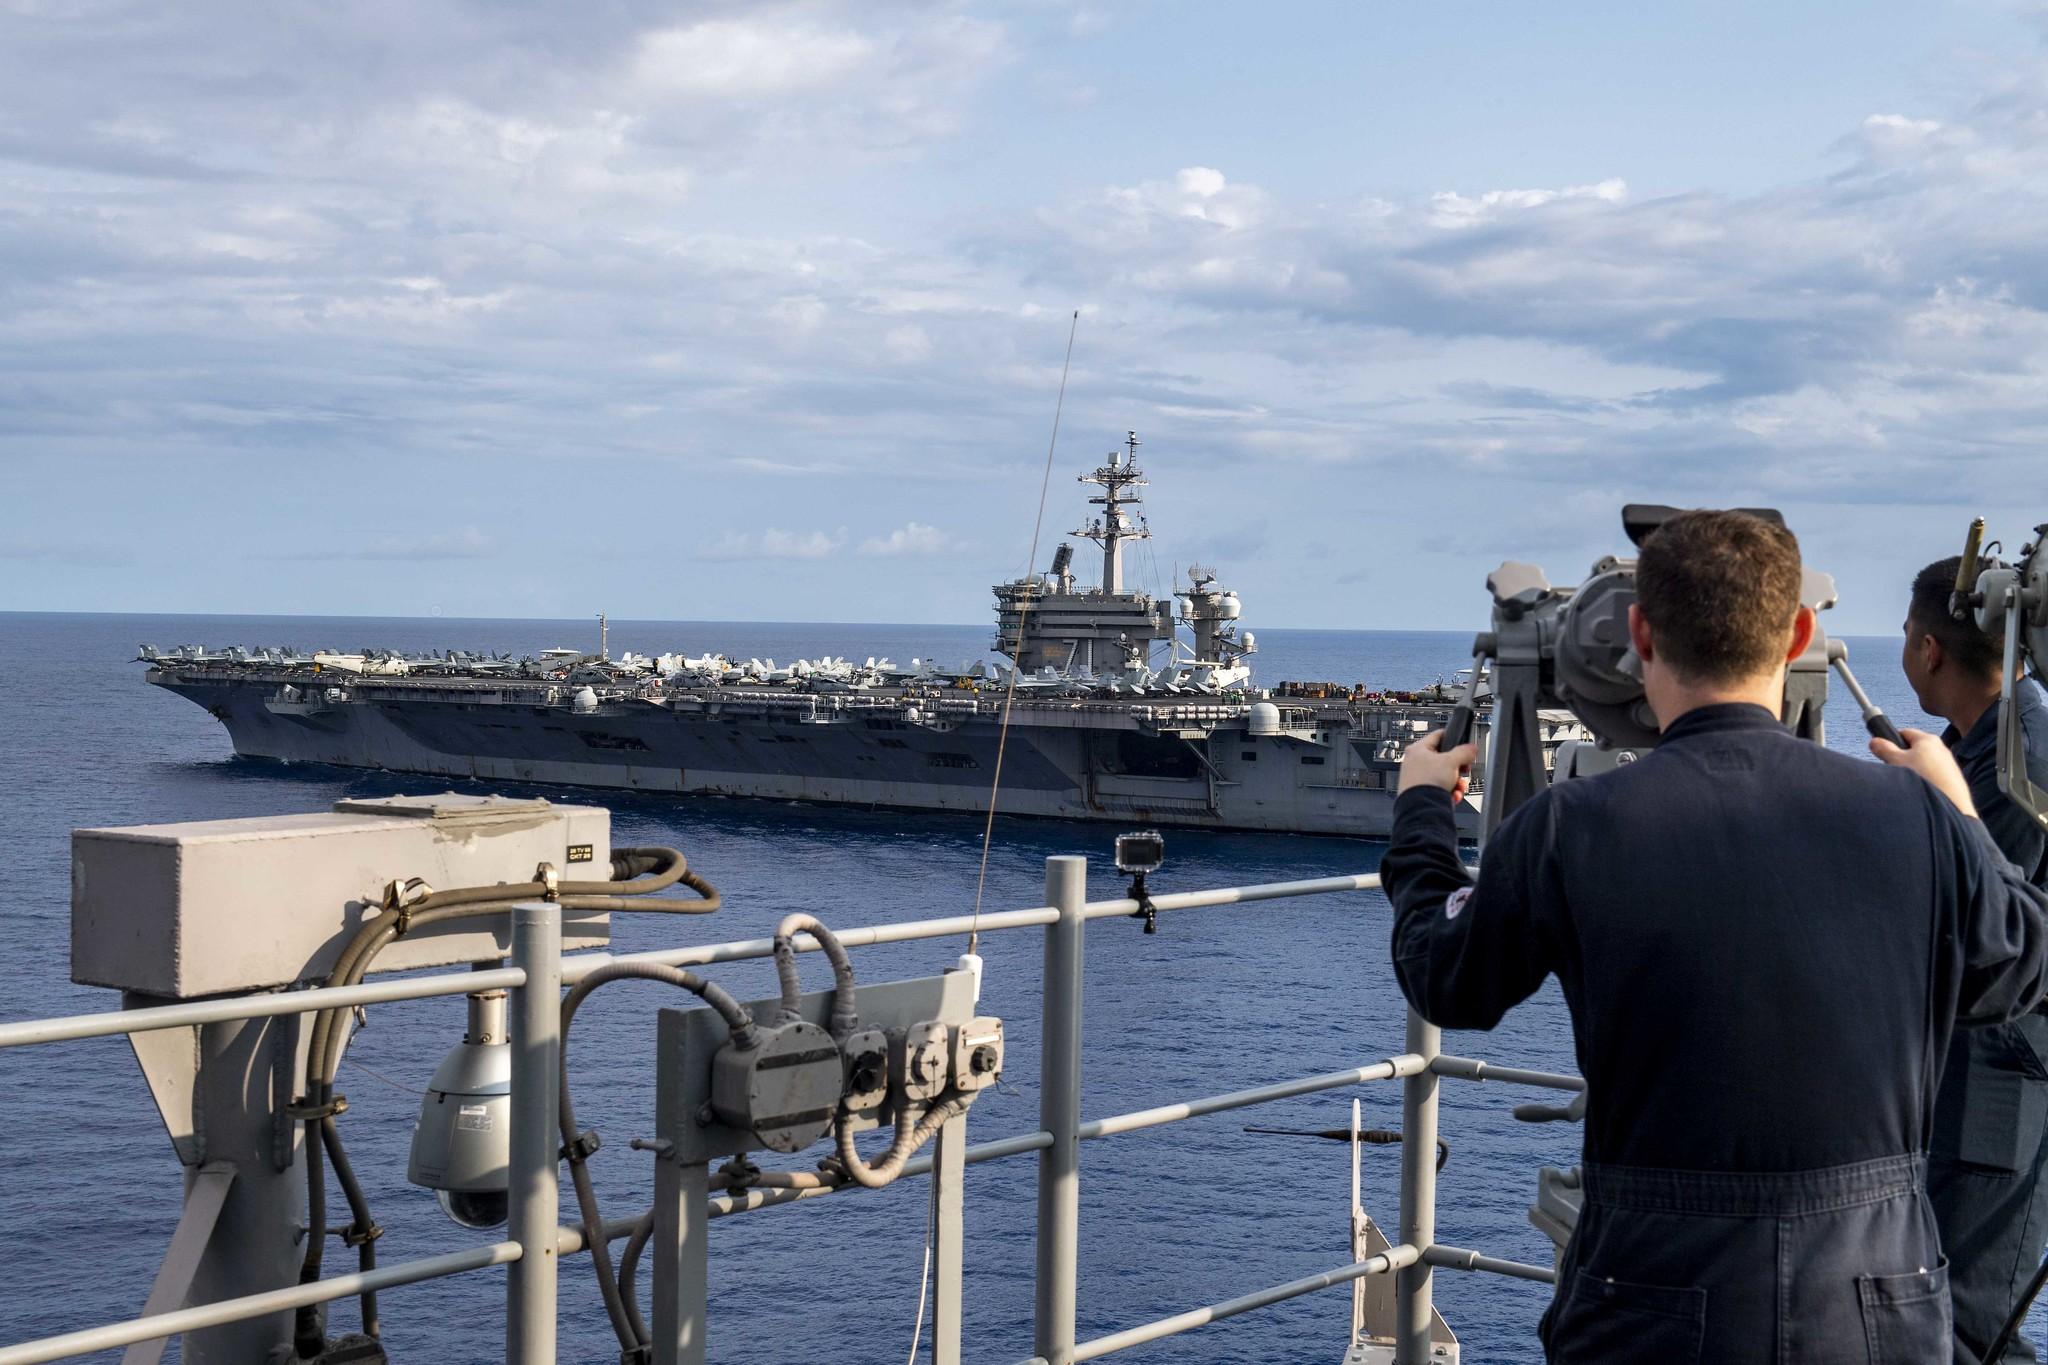 美国罗斯福号航母上又有5名水兵新冠病毒检测阳性